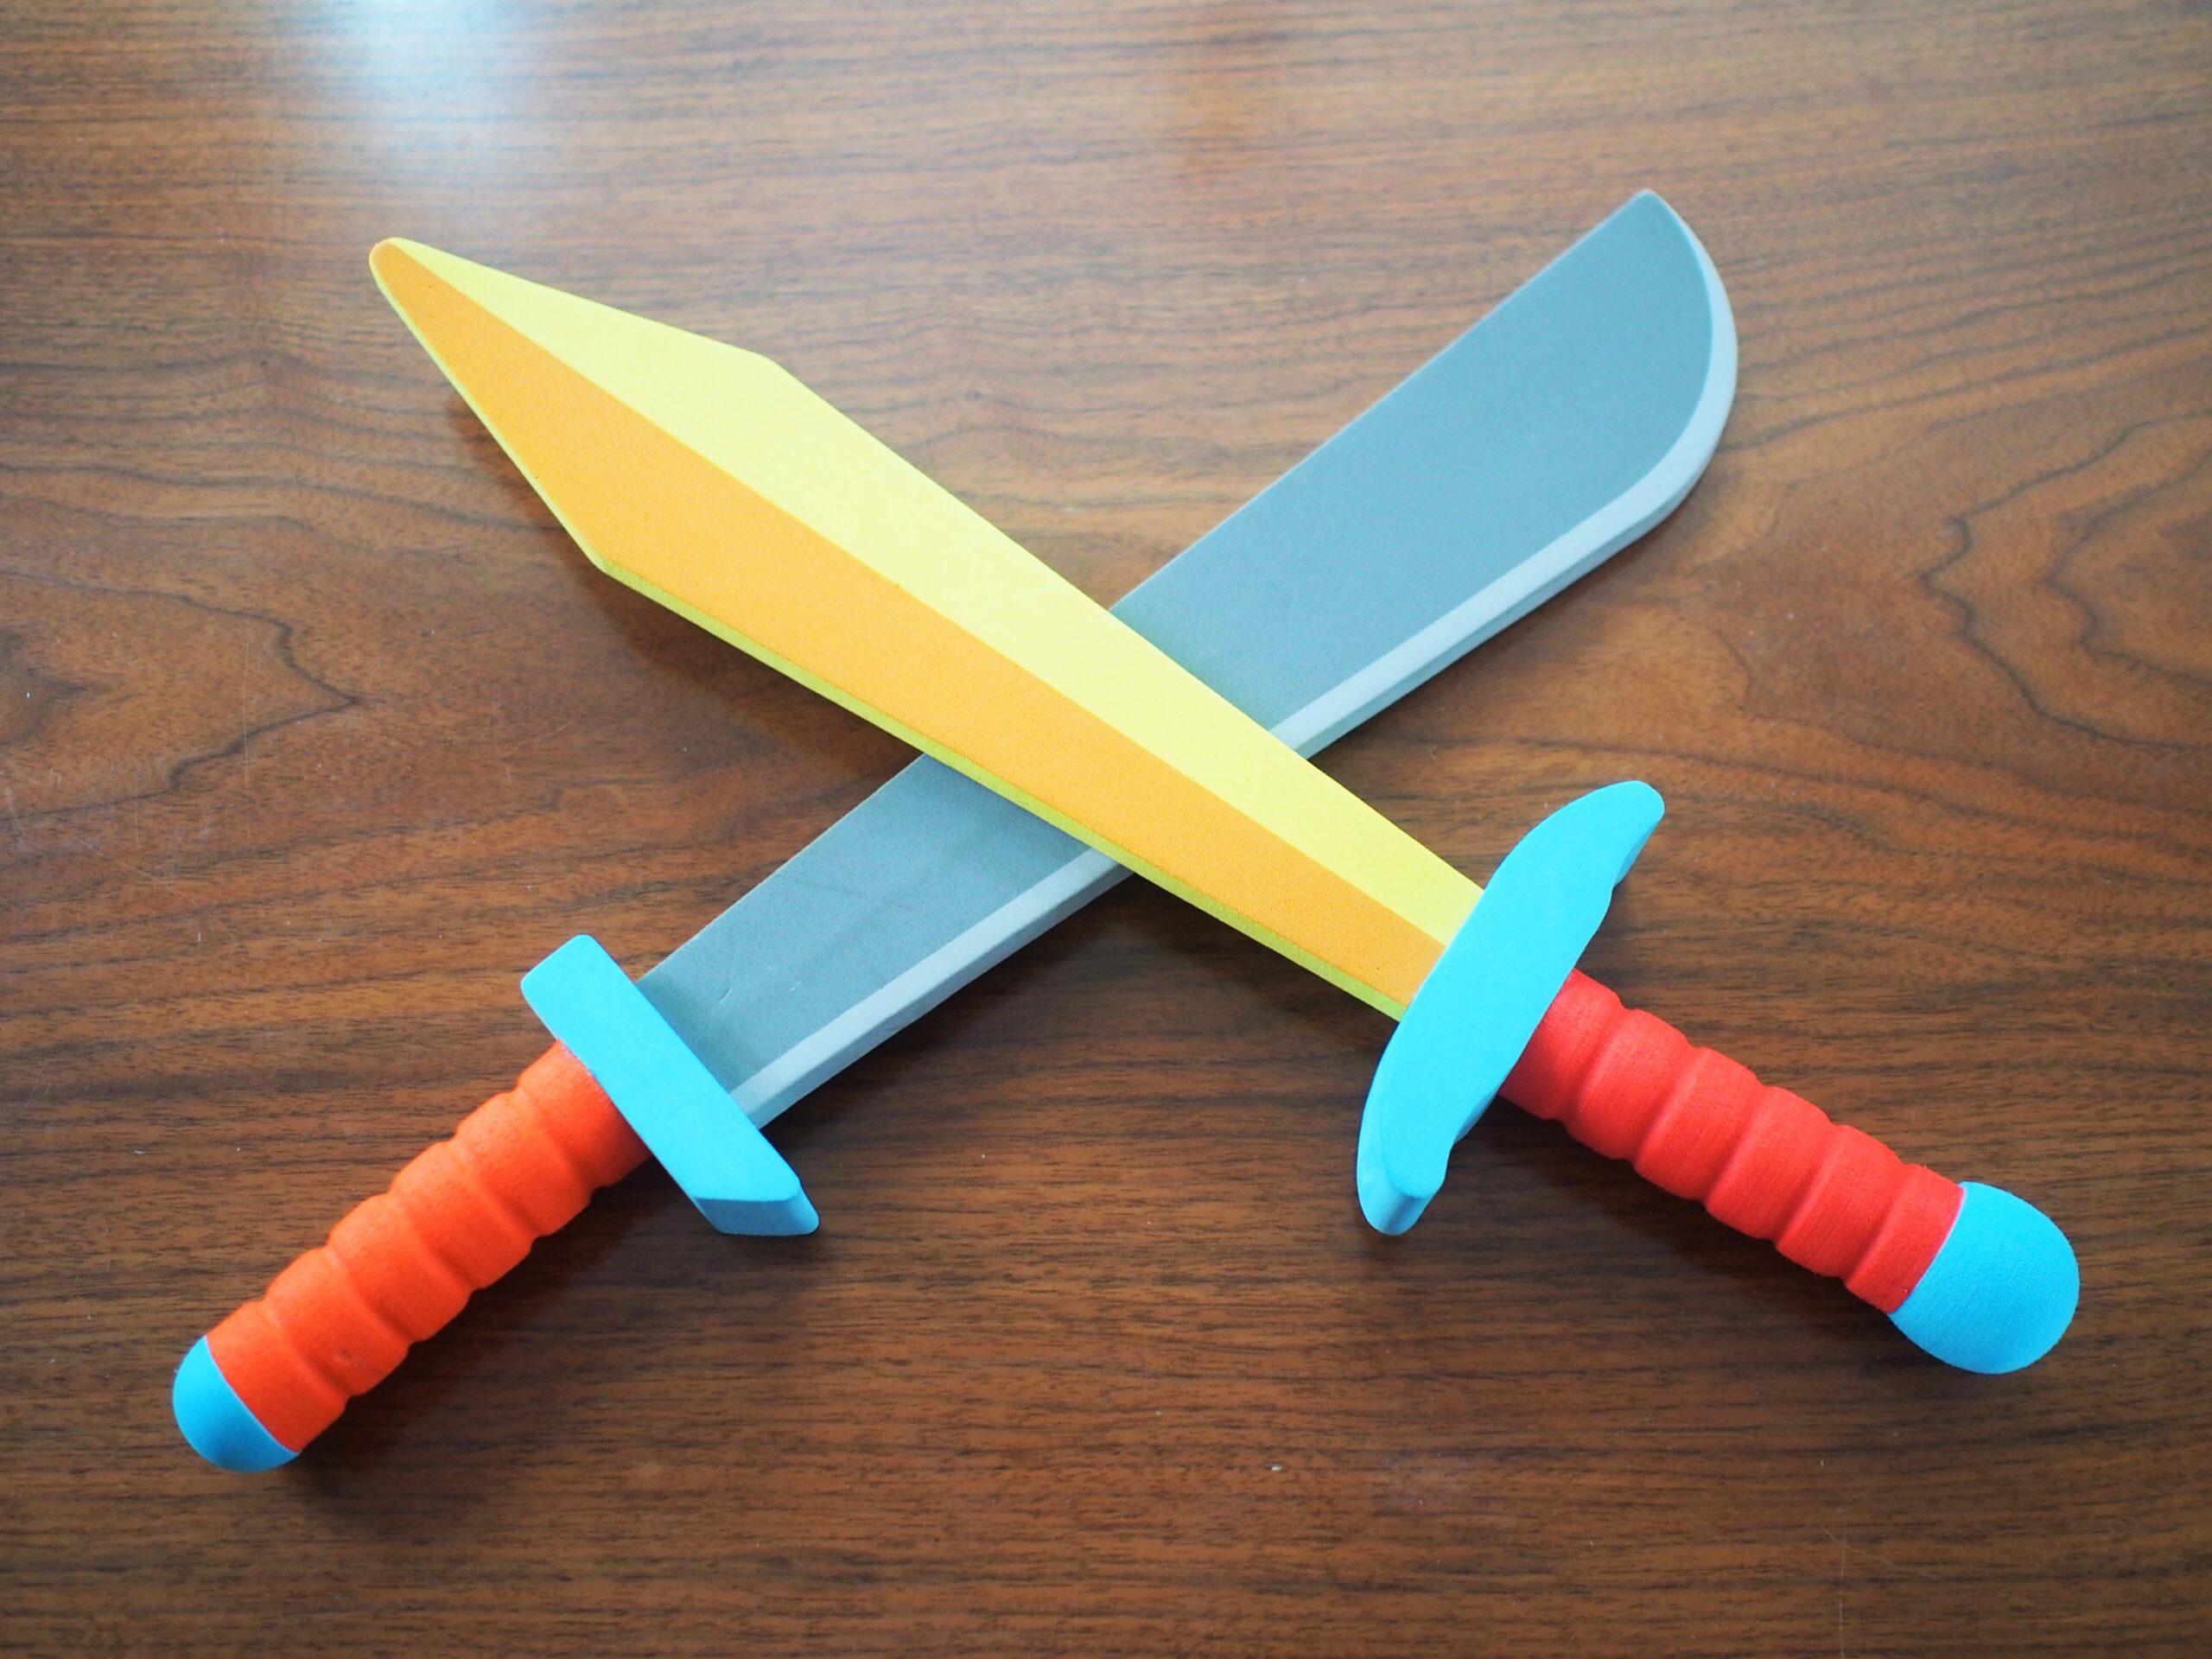 フライングタイガー(Flying Tiger)のおすすめのおもちゃたち